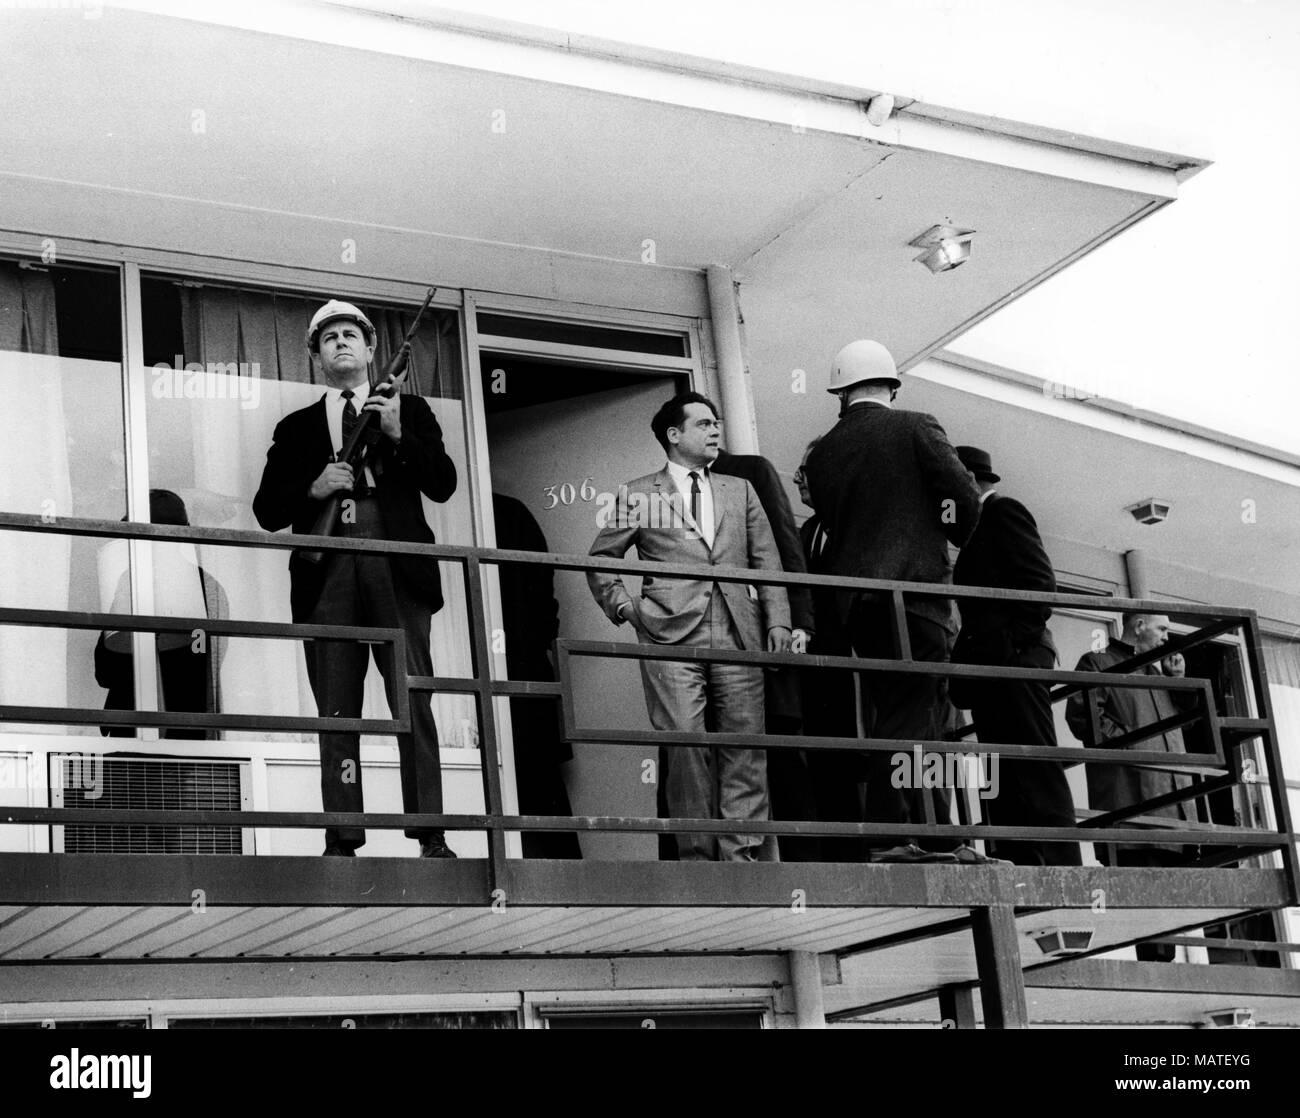 4 aprile 2018 - file - Il Reverendo Martin Luther King Jr. è stato fatalmente di colpo da J. Earl Ray a 6:01 p.m., 4 aprile 1968, come egli si fermò sul secondo piano balcone del Lorraine Hotel a Memphis, Tennessee. Nella foto: 4 aprile 1968 - Memphis, Tennessee, Stati Uniti - Il balcone della camera #306 del Lorraine Motel a Memphis, Tennessee, dove il Reverendo Martin Luther King Jr è stato ucciso il 4 aprile 1968. (Credito Immagine: © Keystone Press Agency/Keystone USA via ZUMAPRESS.com) Foto Stock